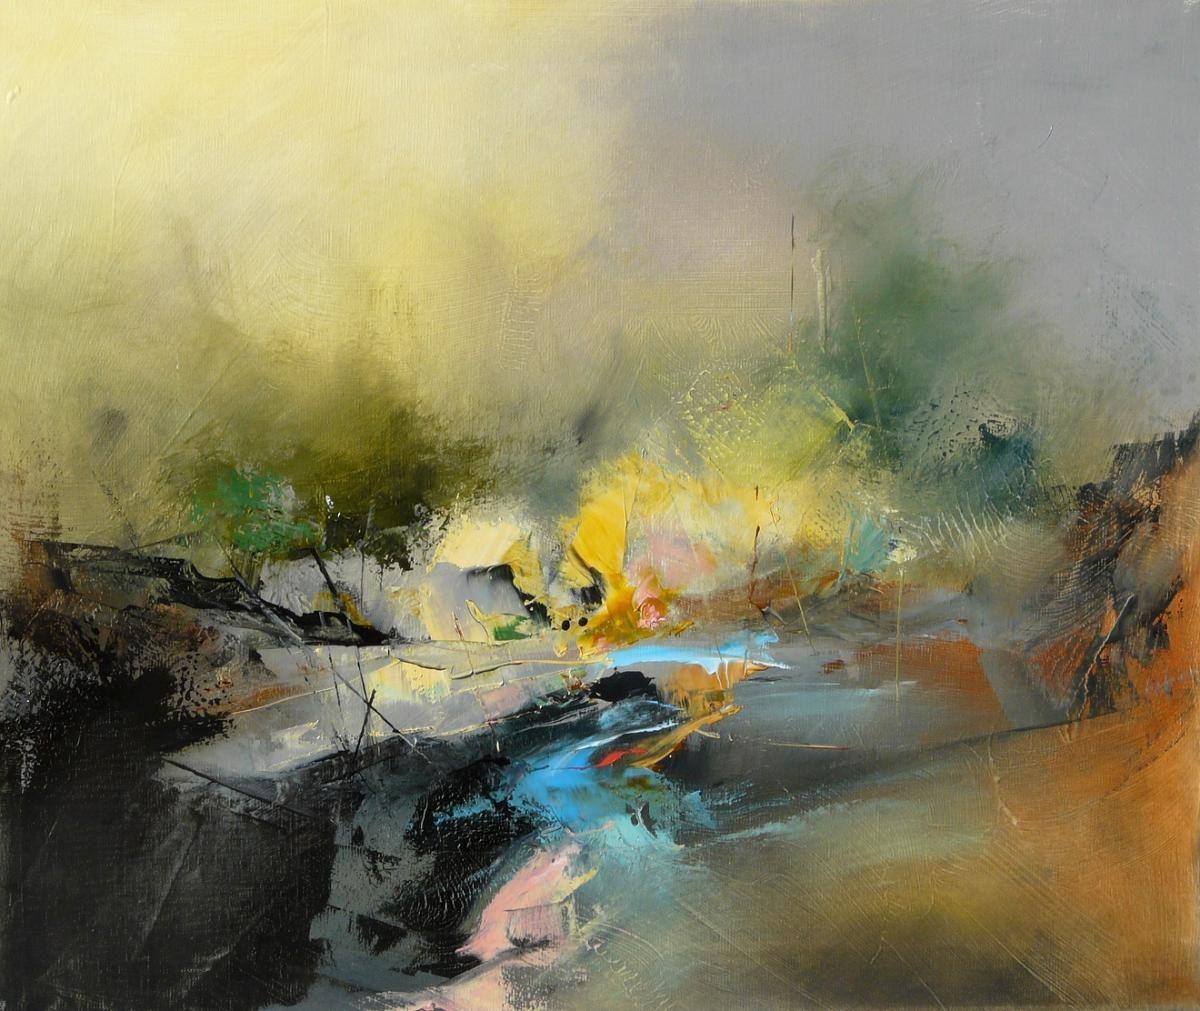 Gerard mursic artiste peintre breton saint malo pinteres for Artiste peintre chinois